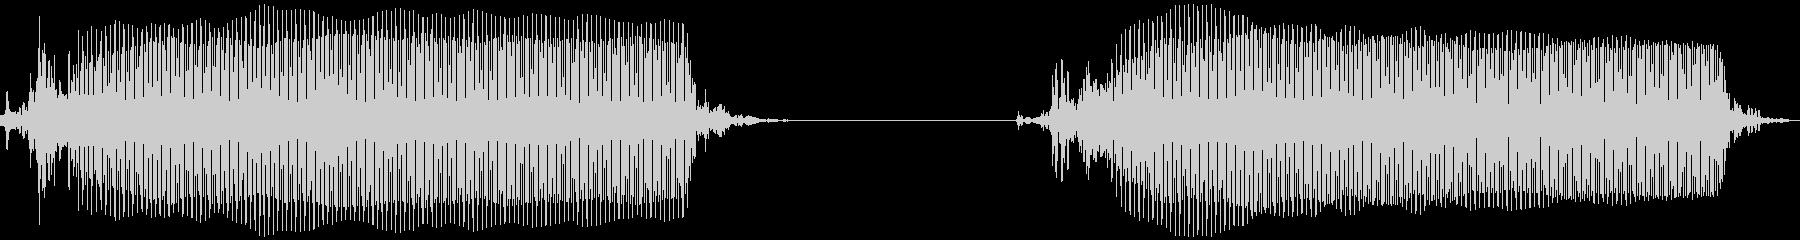 携帯電話のバイブレーション(台の上)の未再生の波形